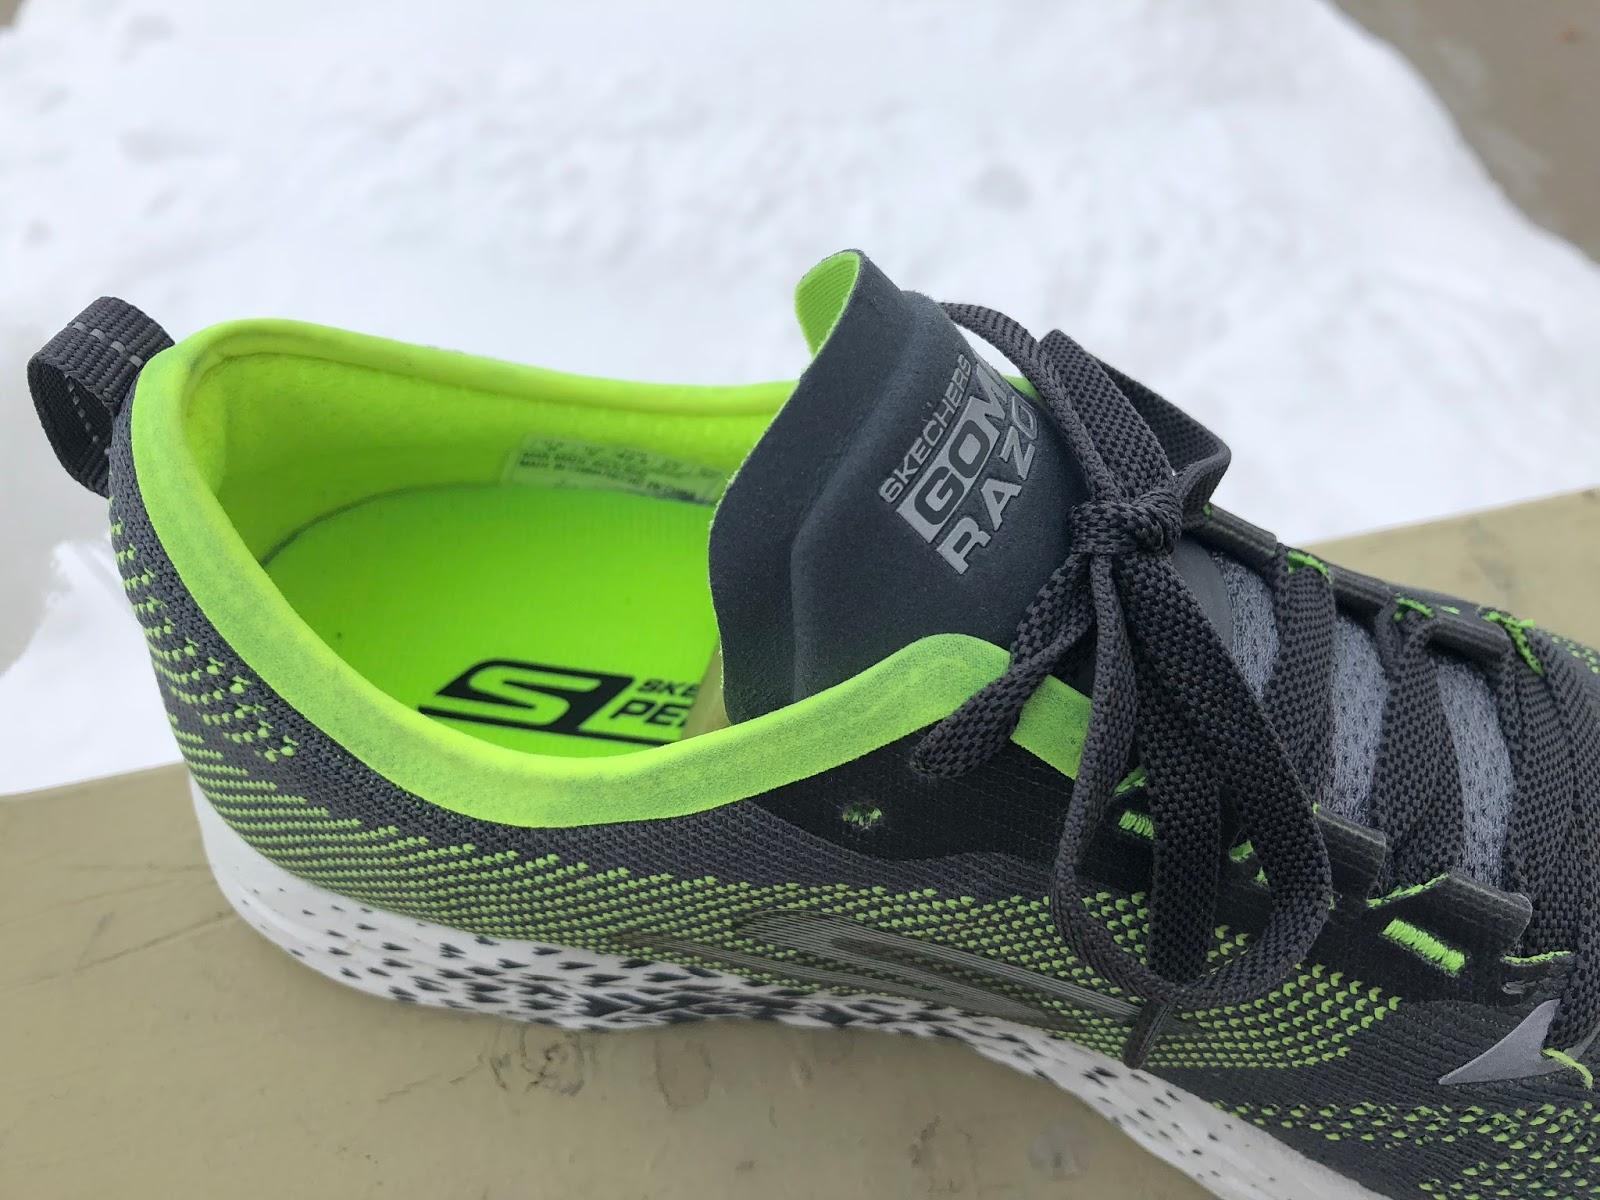 d31c7e8510a6 Road Trail Run  Skechers GOmeb Razor 2 Review  Occam s Razor. Take ...